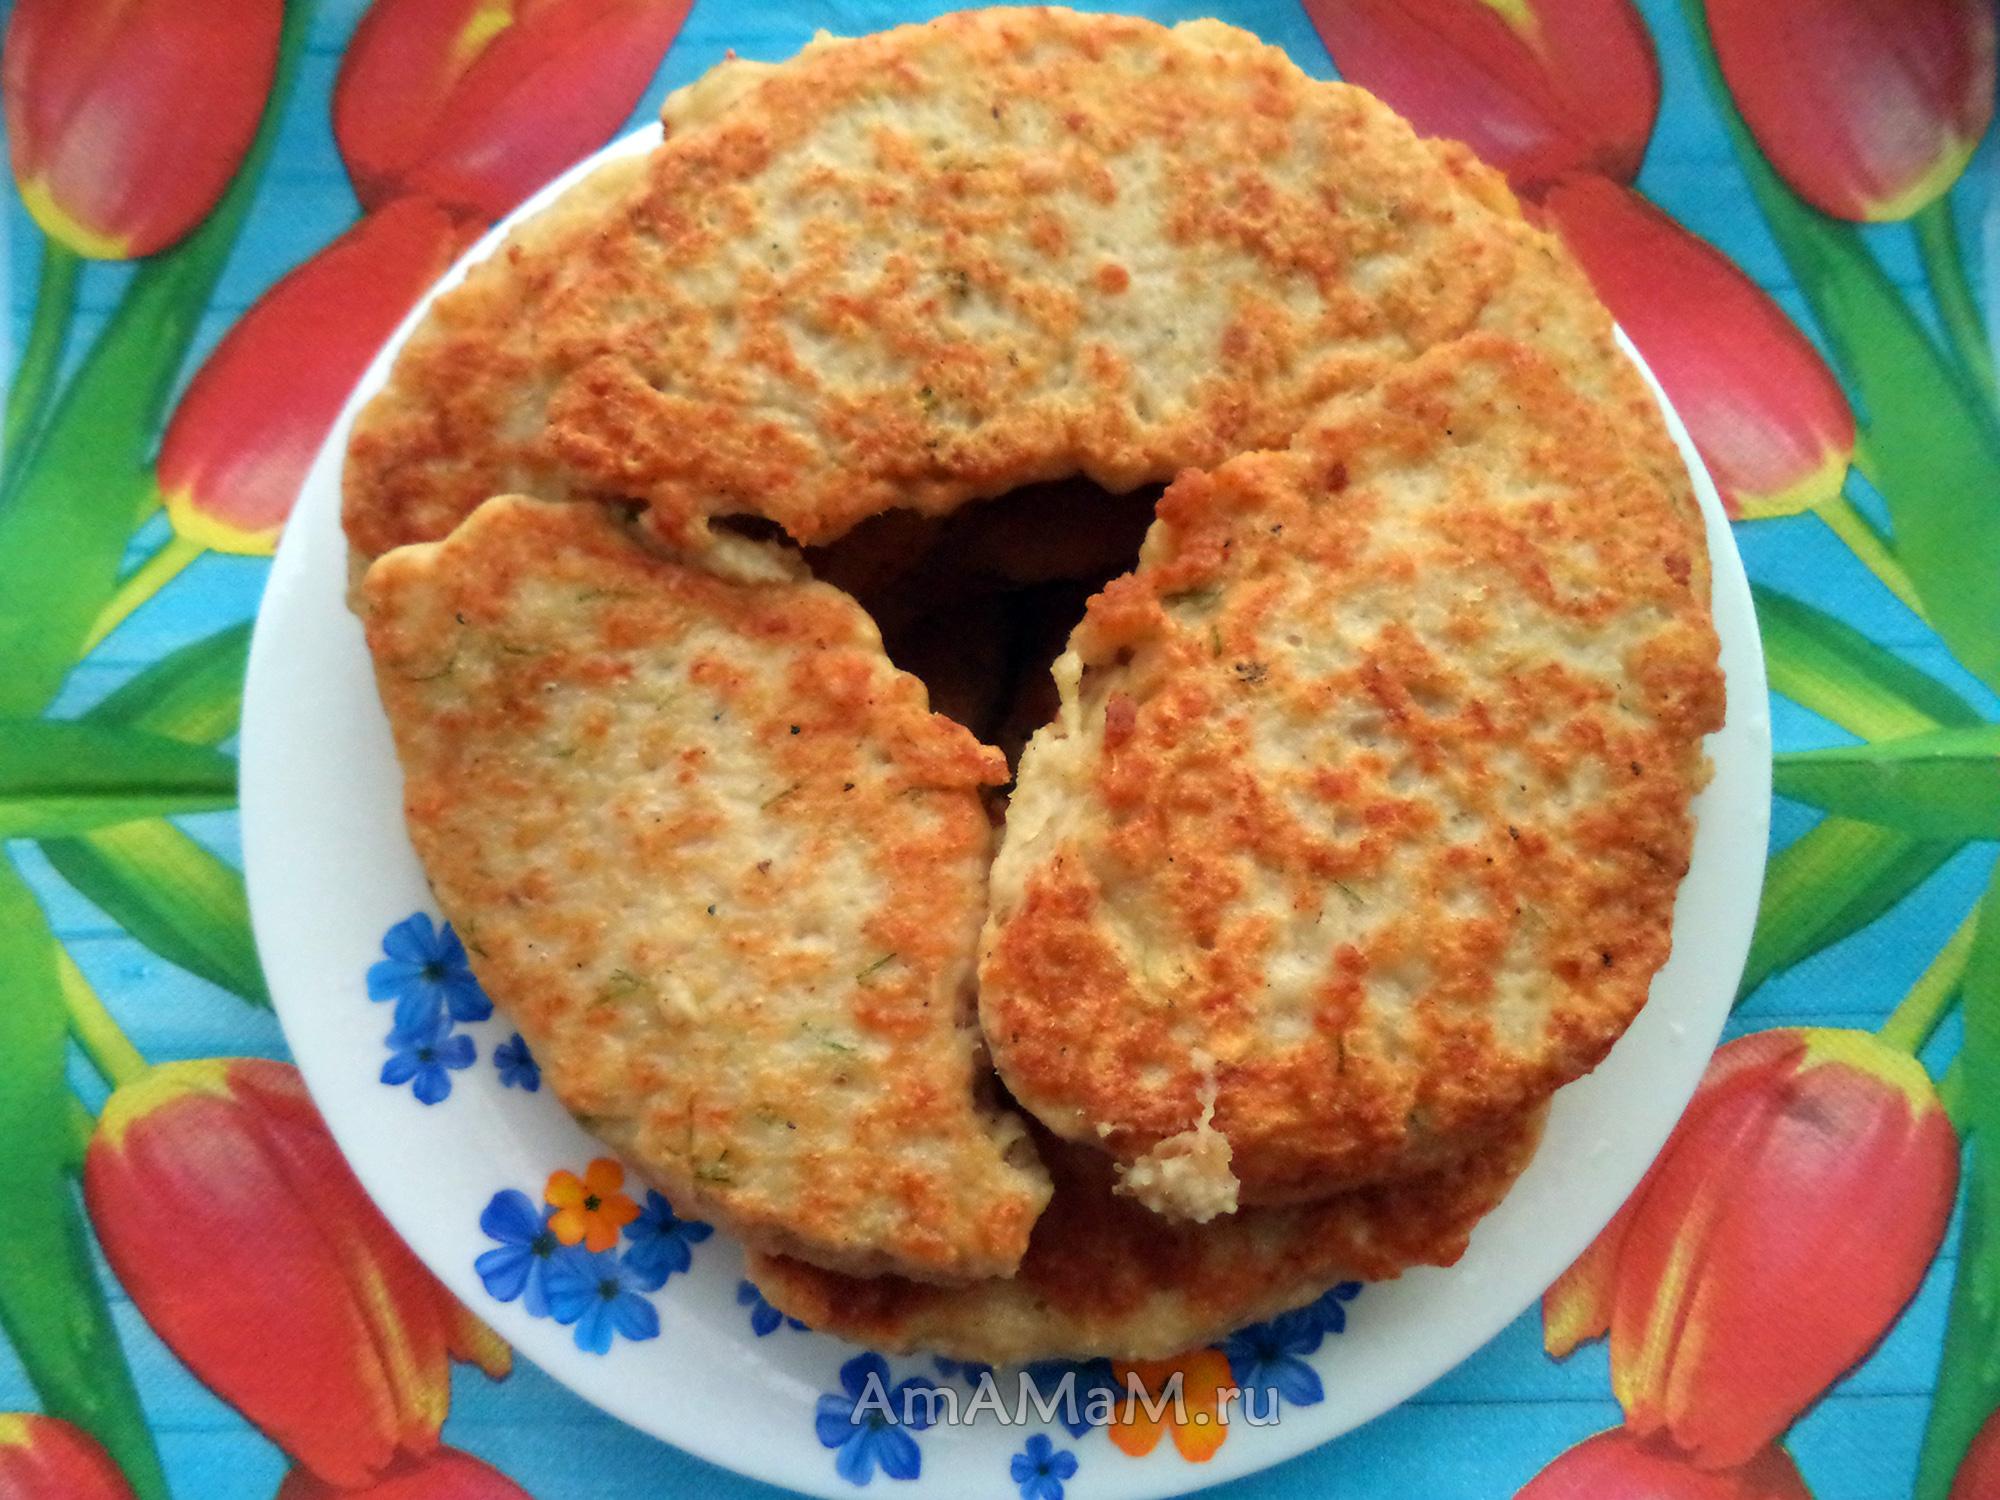 Мясные оладьи из куриного фарша - способ приготовления, рецепт и фото